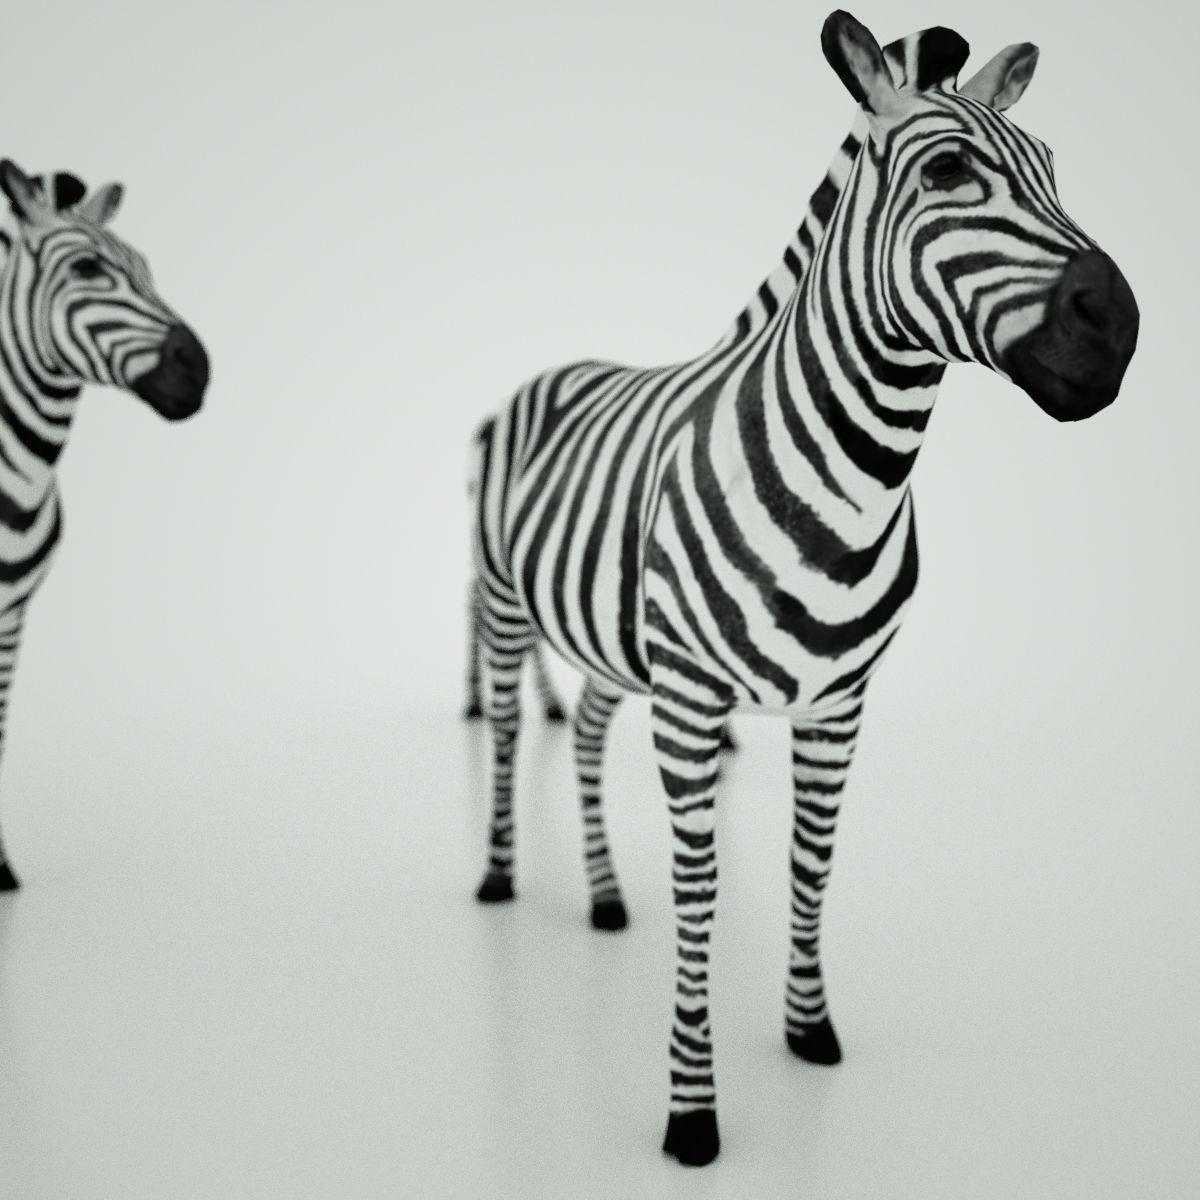 Mark-Florquin-Zebra-Africa-3D-model-3.jpg